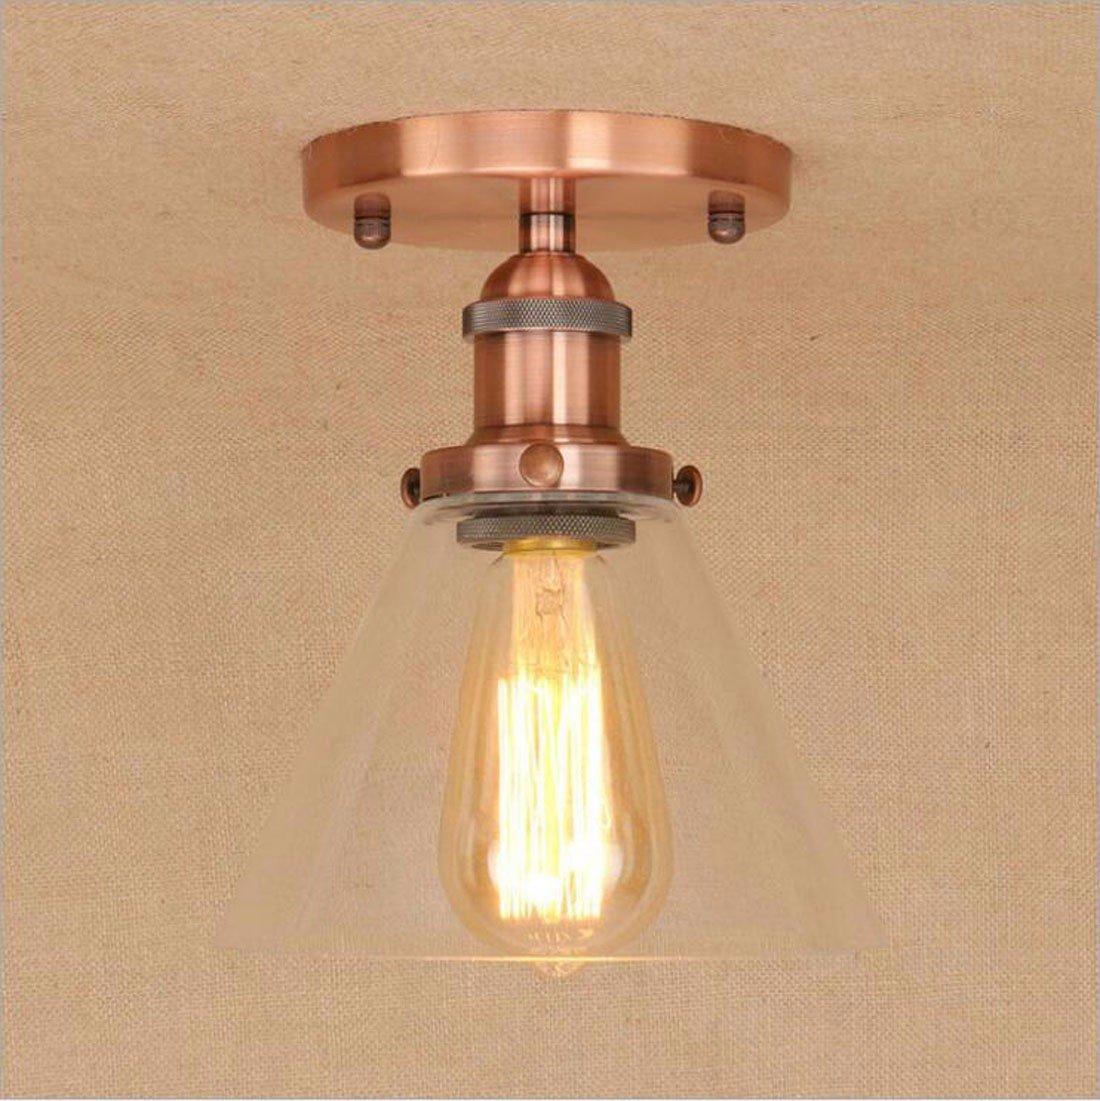 F  SSBY personnalité simple restaurant salon plafond de verre transparent lampes rétro nostalgique plafond plafond décoratif feu simple feu de fer métalliquef